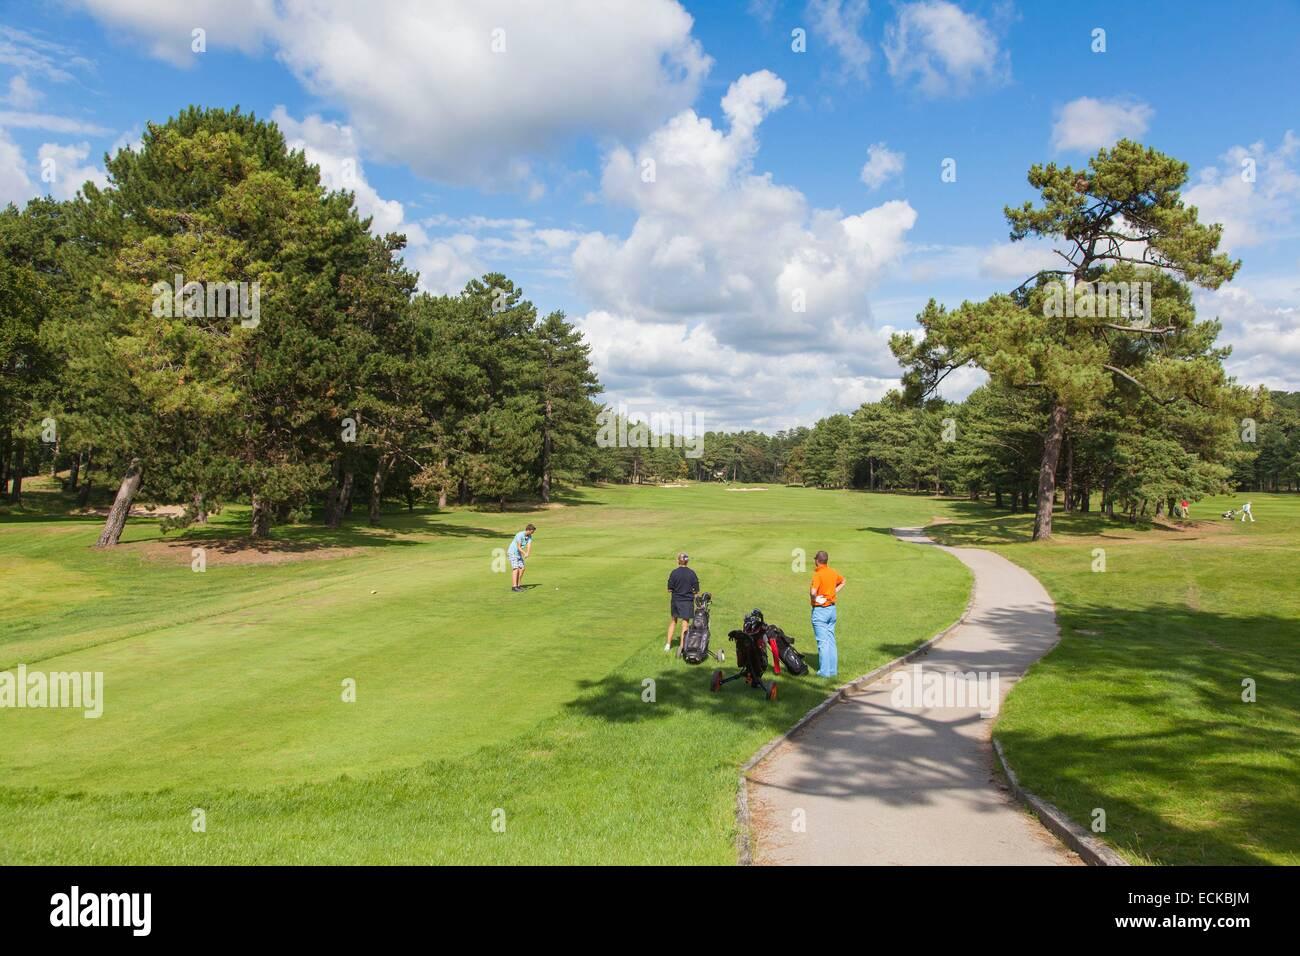 La France, Pas de Calais, Hardelot, golf pine Photo Stock